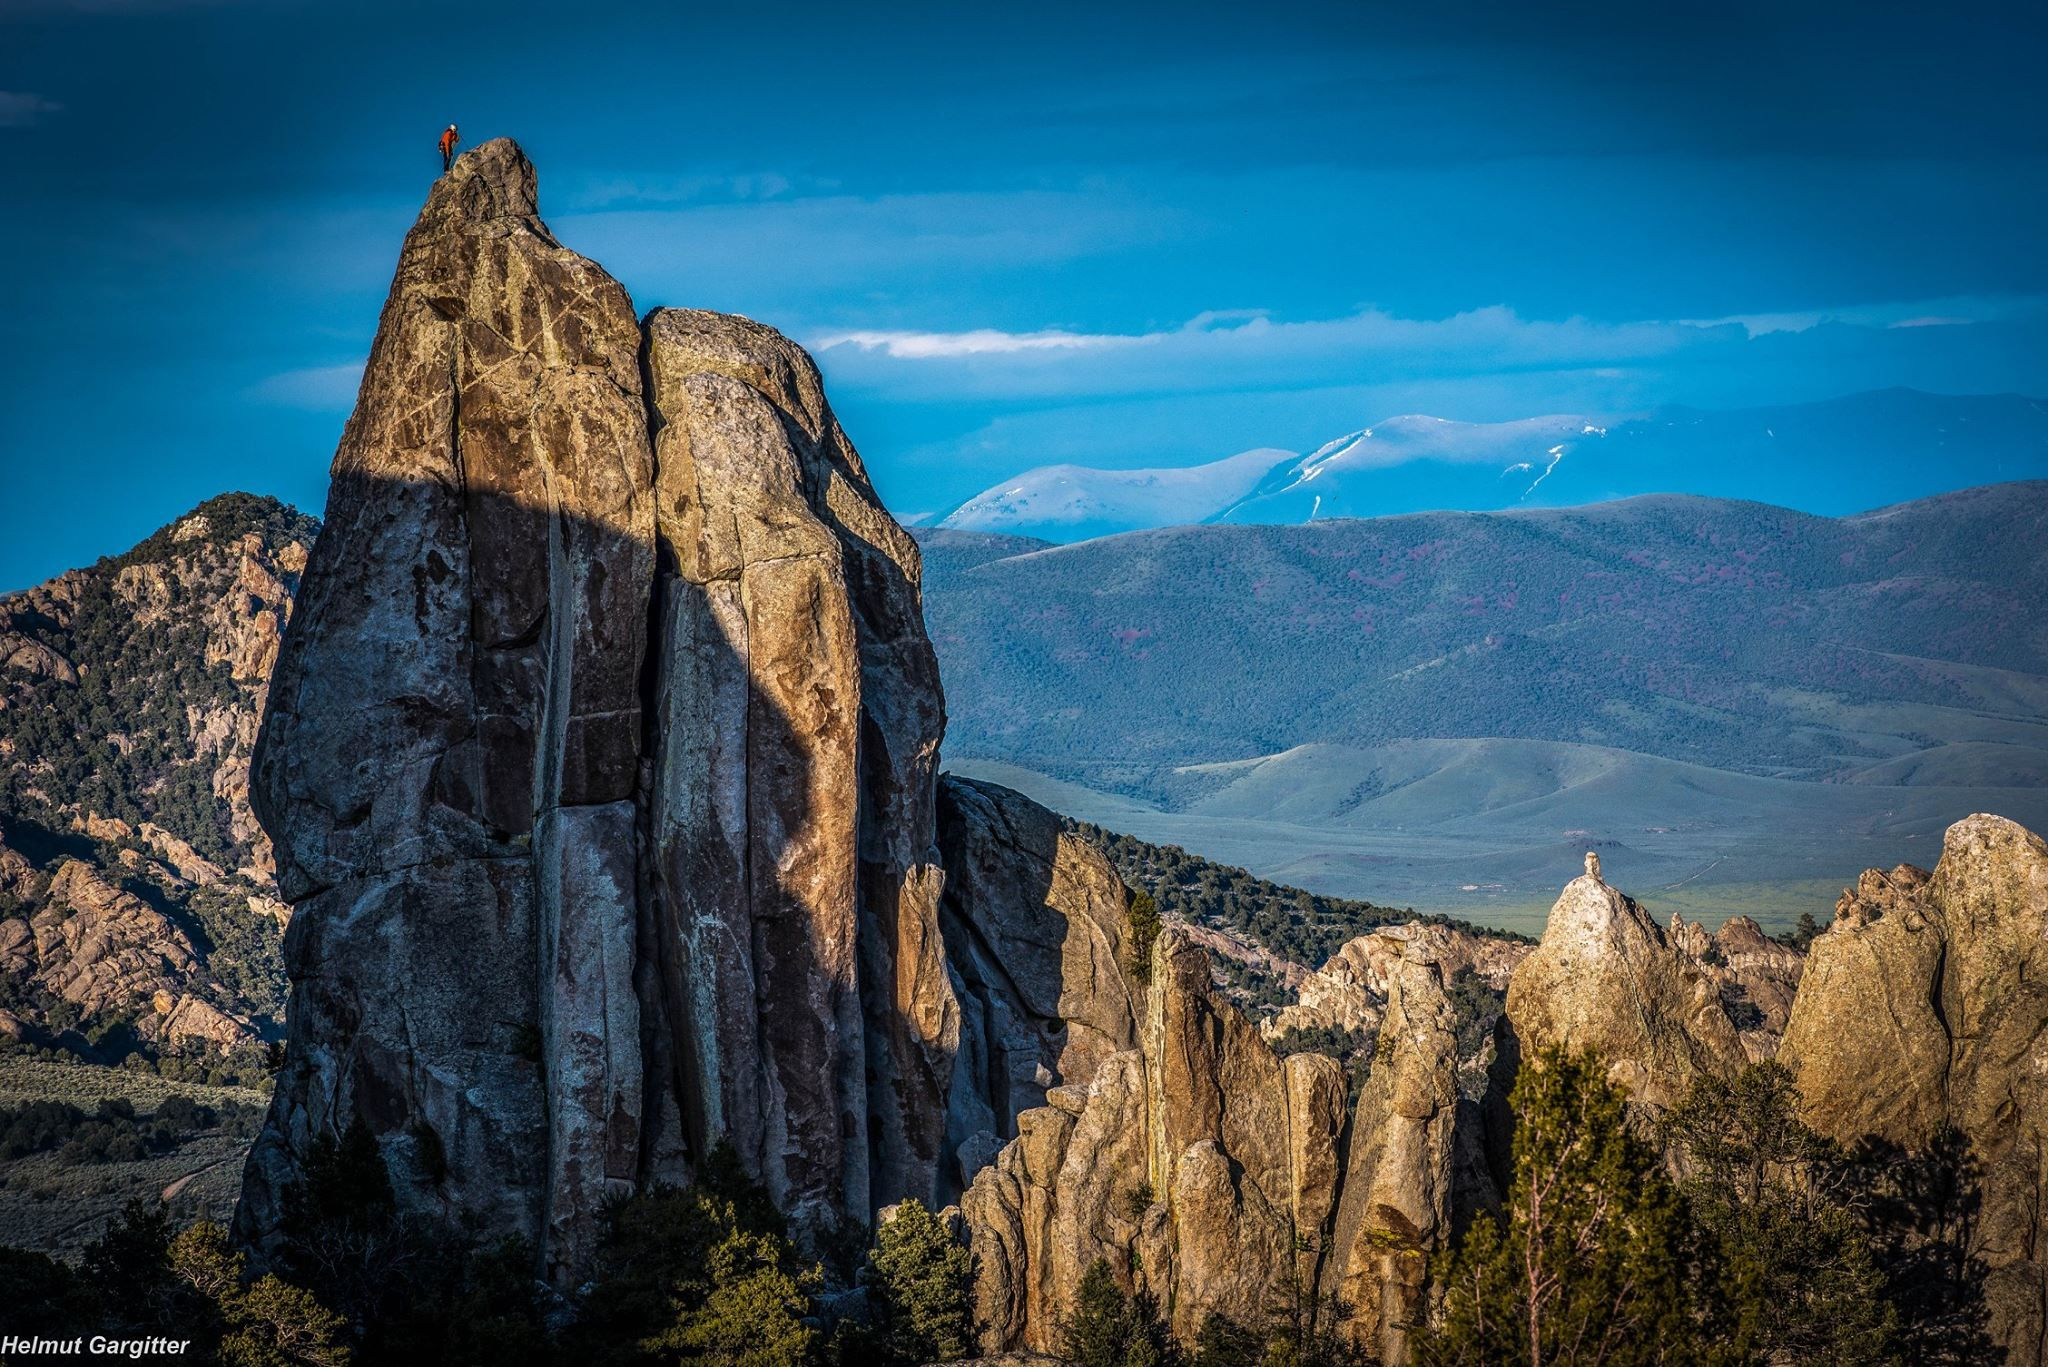 Klettergurt Für Klettersteig Test : ᐅ klettersteig bandschlinge sinnvolles sicherheitszubehör